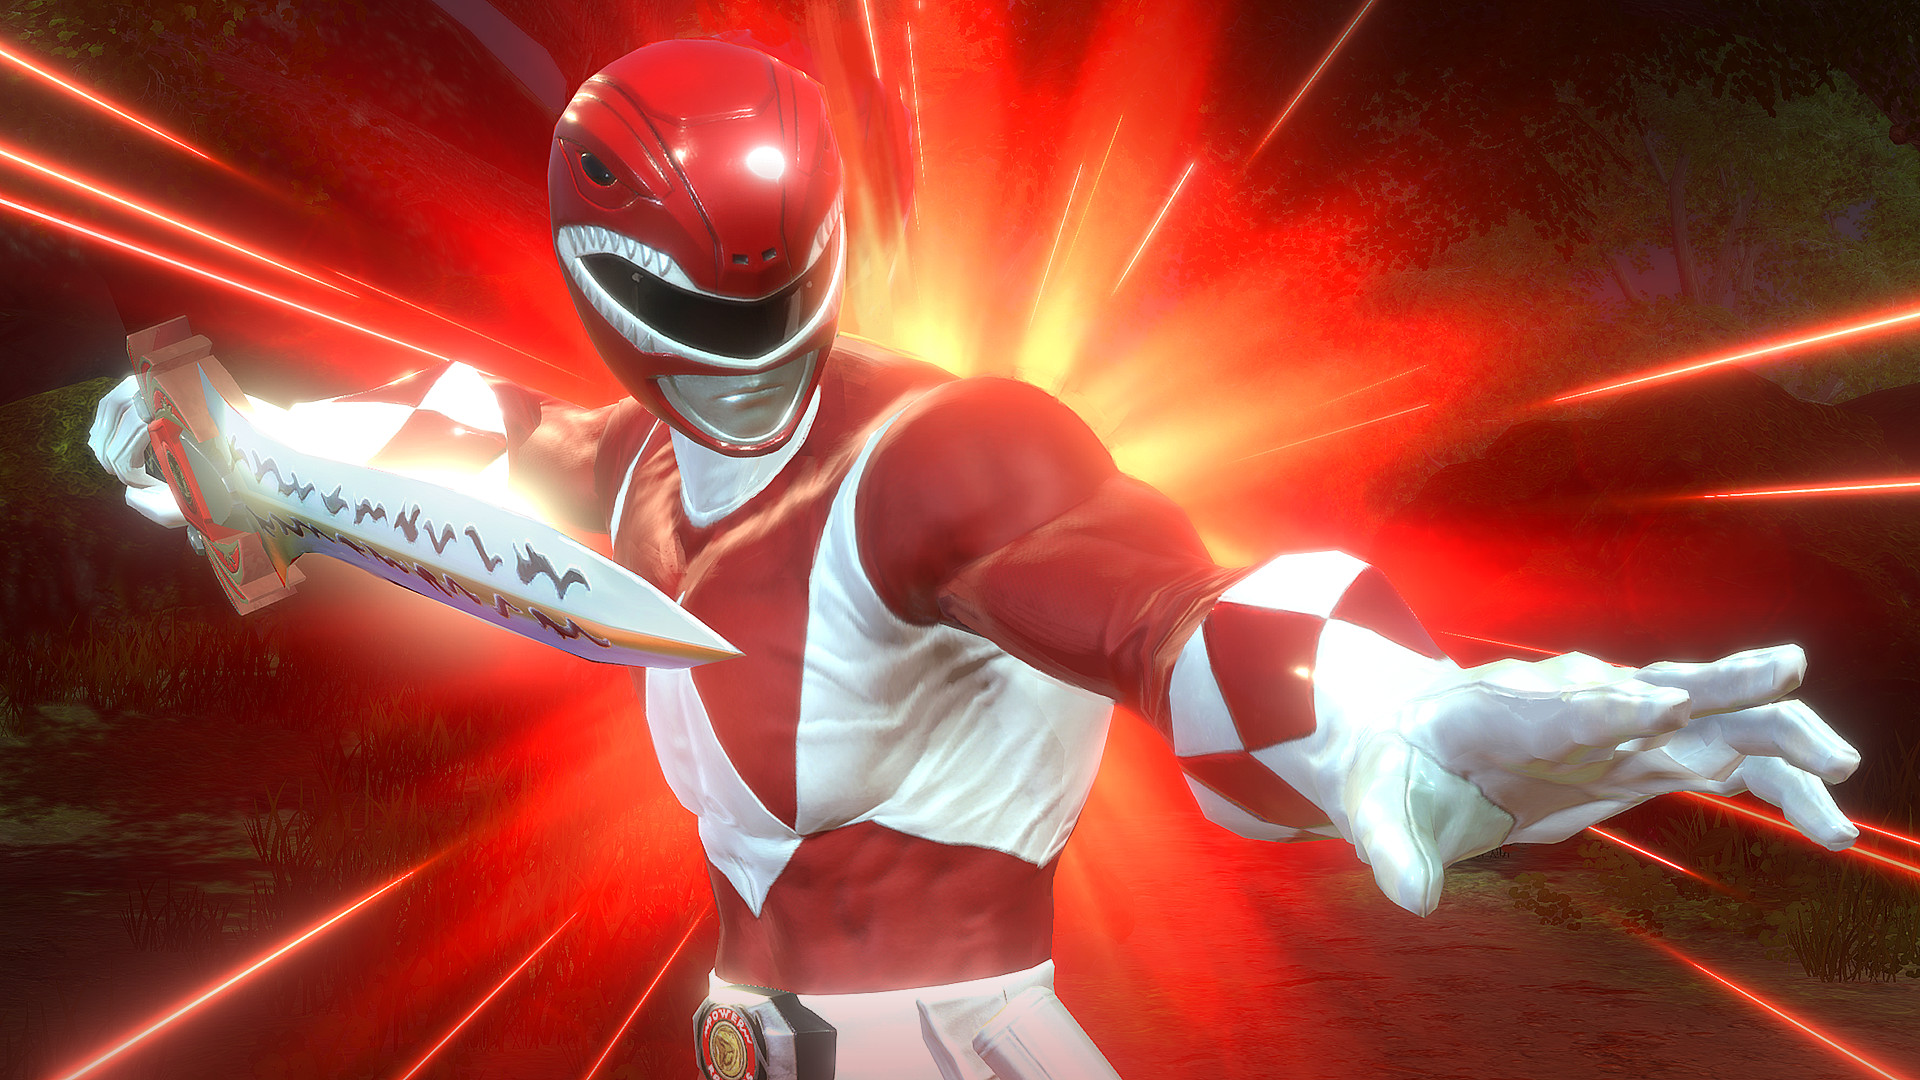 恐龙战队能量之战/Power Rangers: Battle for the Grid(超级版+全DLC)插图2